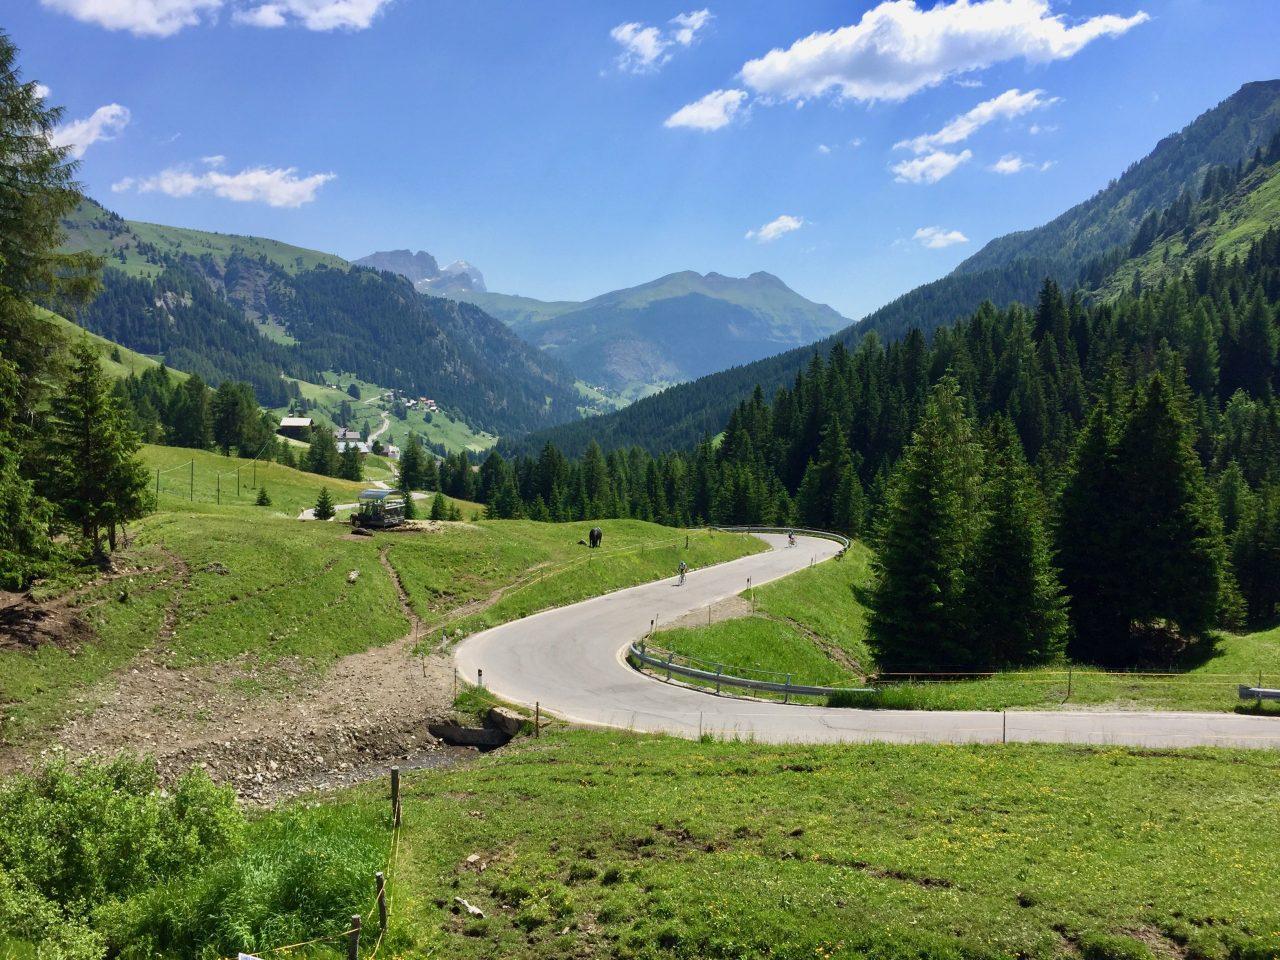 Auffahrt Passo Pordoi, Dolomites, Italy